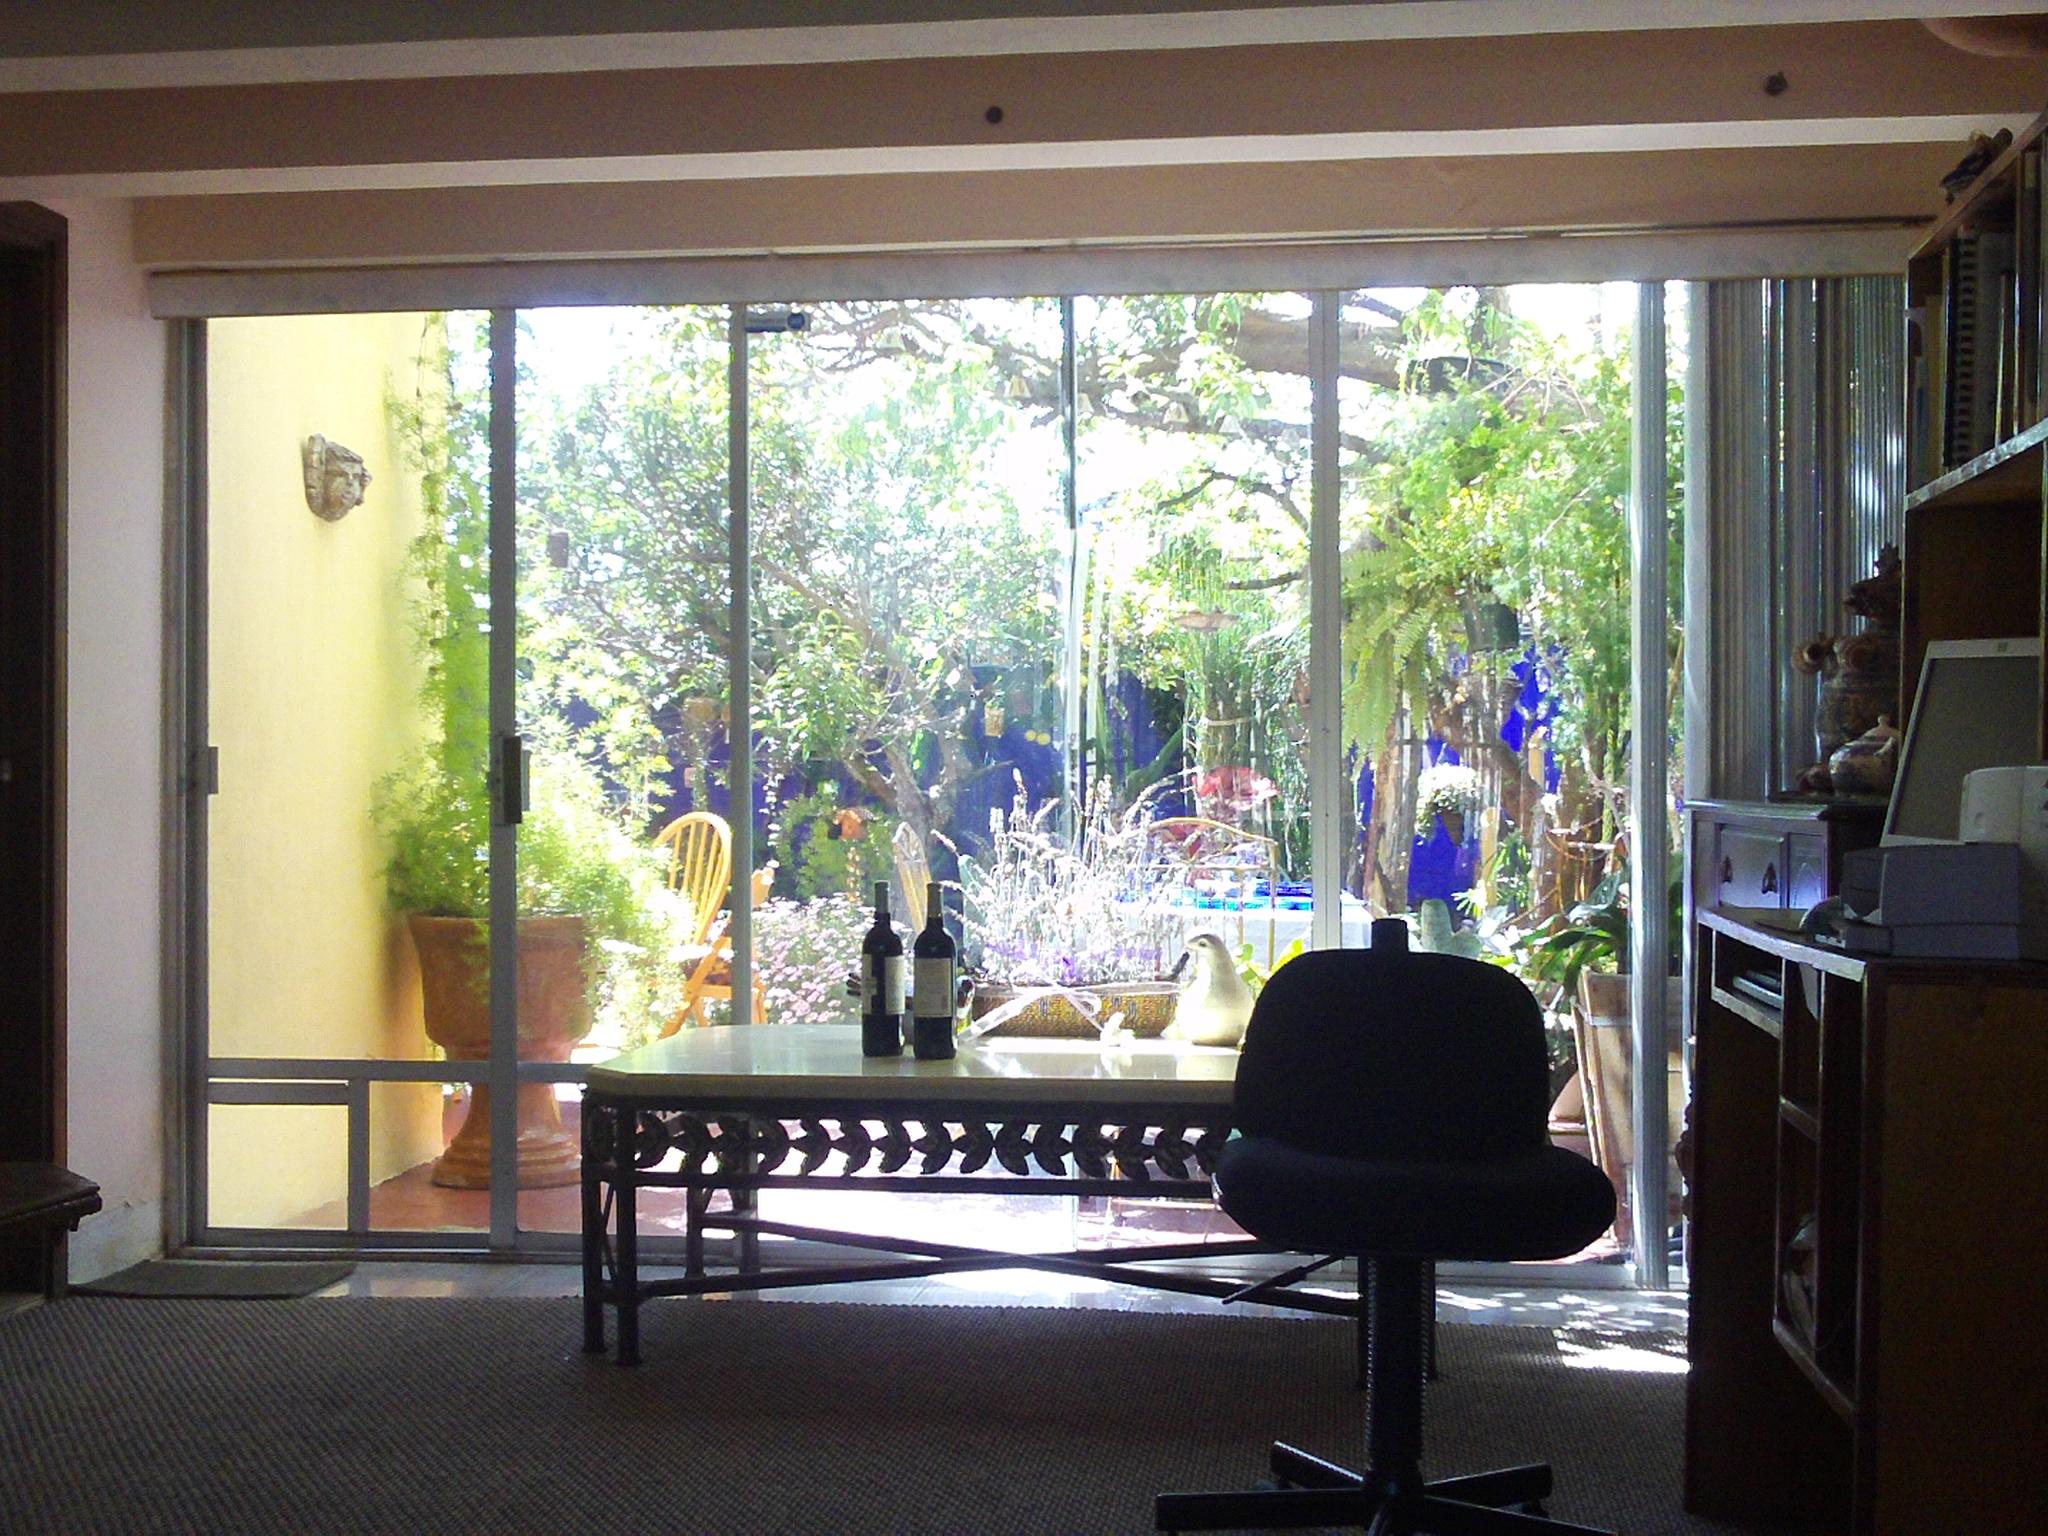 El jardin visto desde el interior de la casa bparramosqueda - Jardin en casa ...